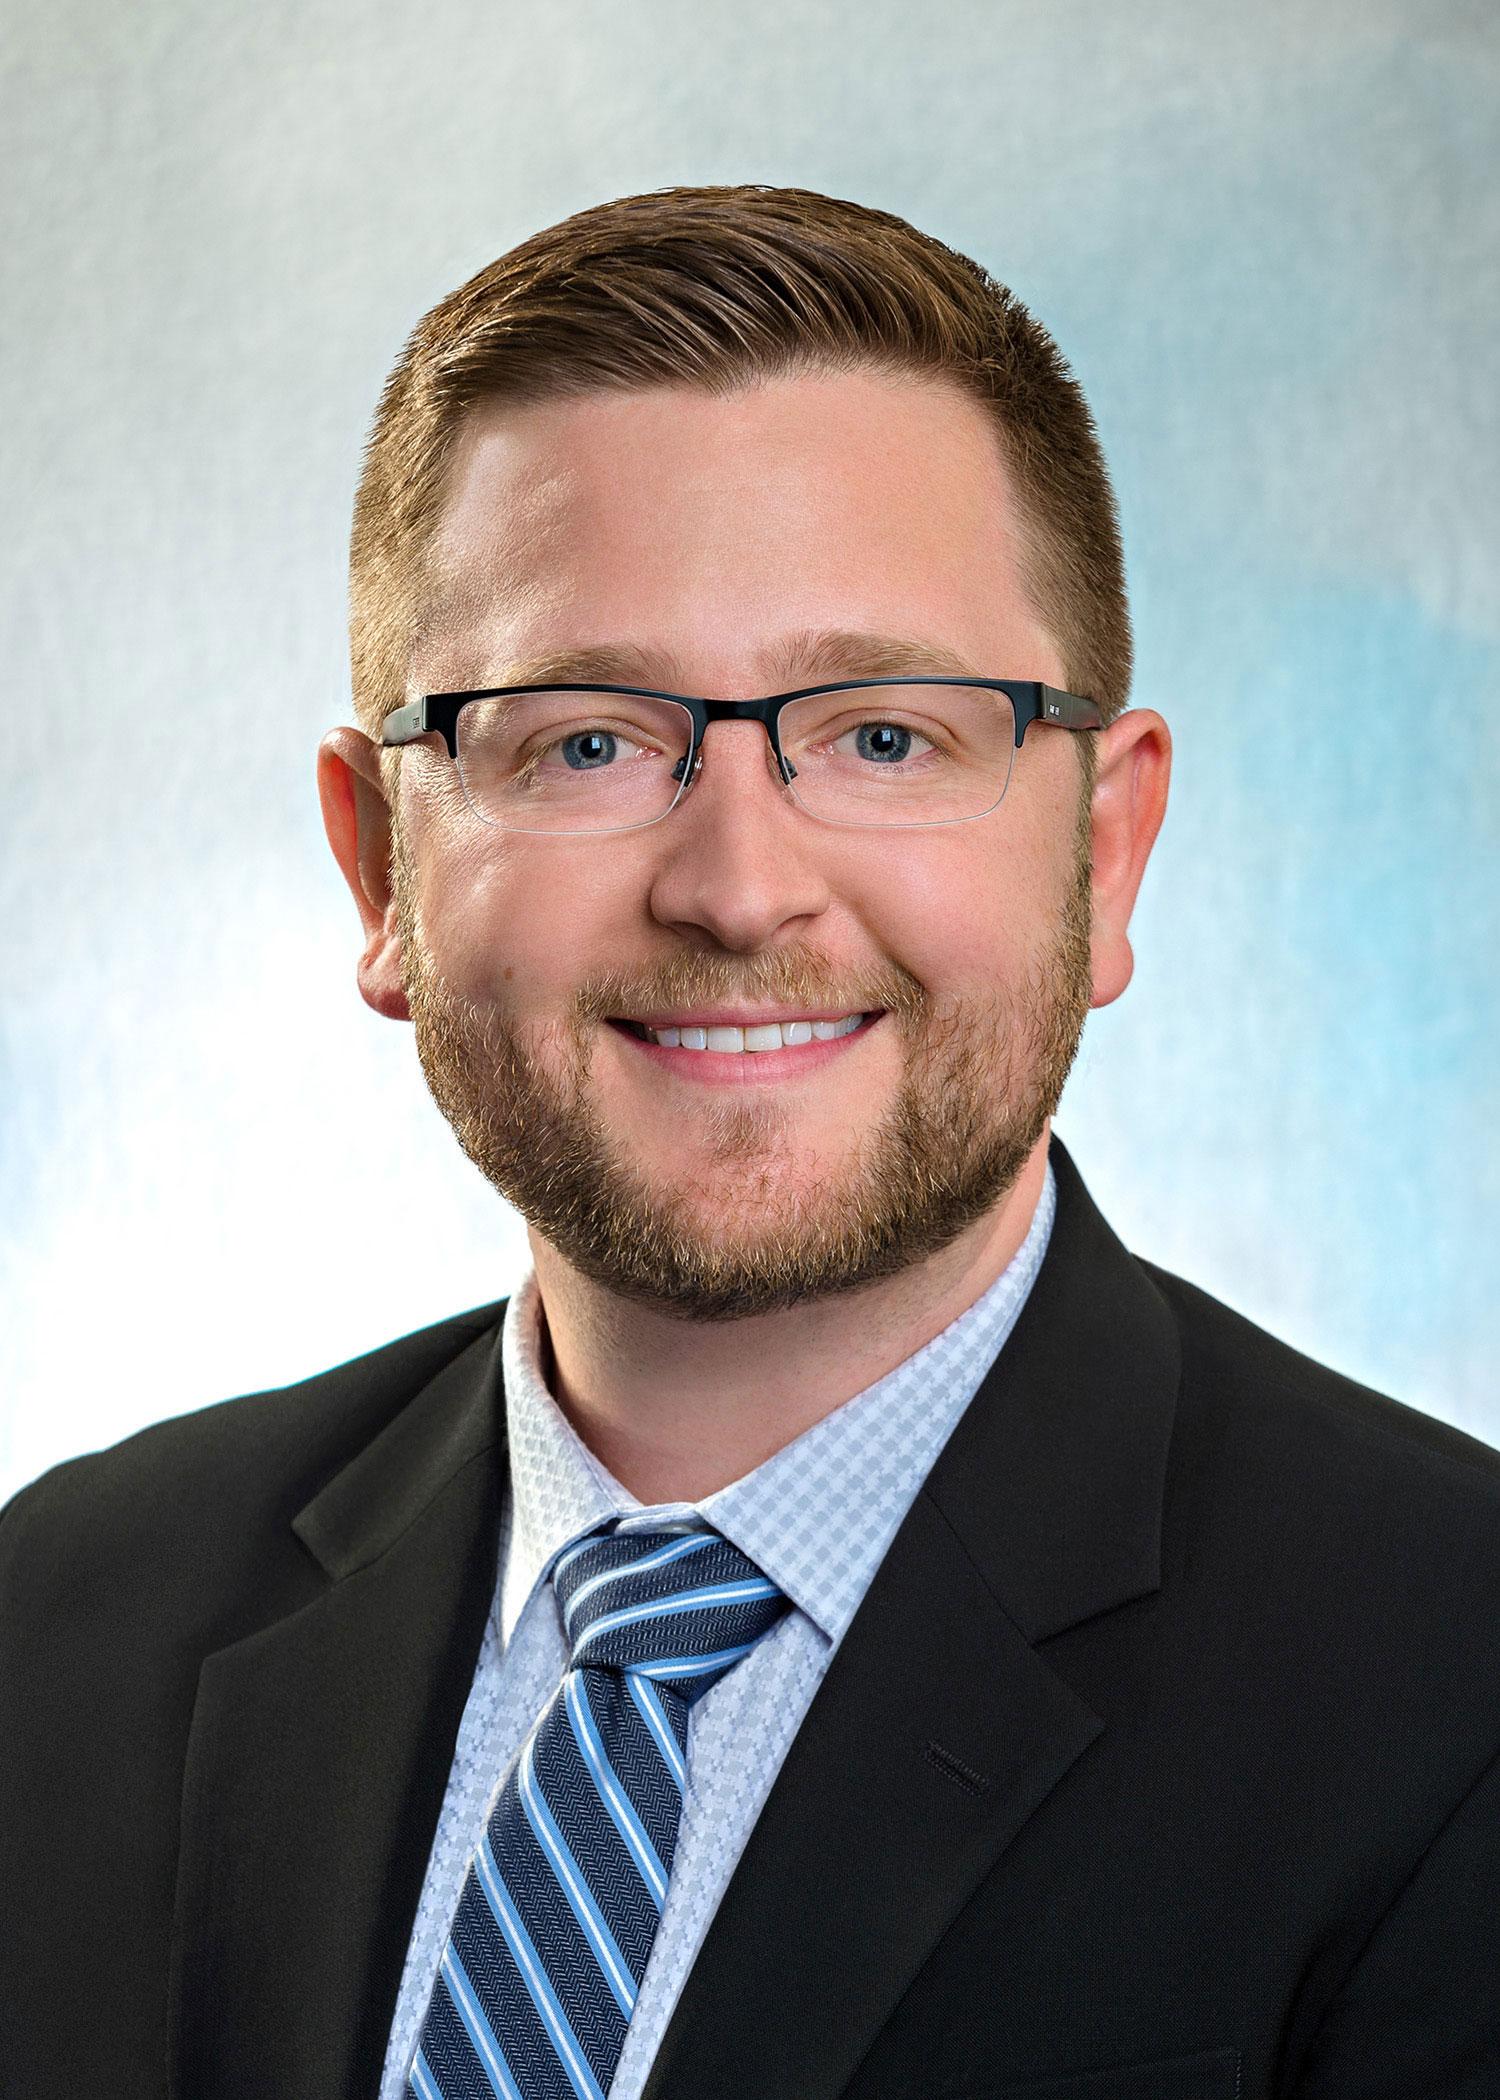 David Greschler, MD